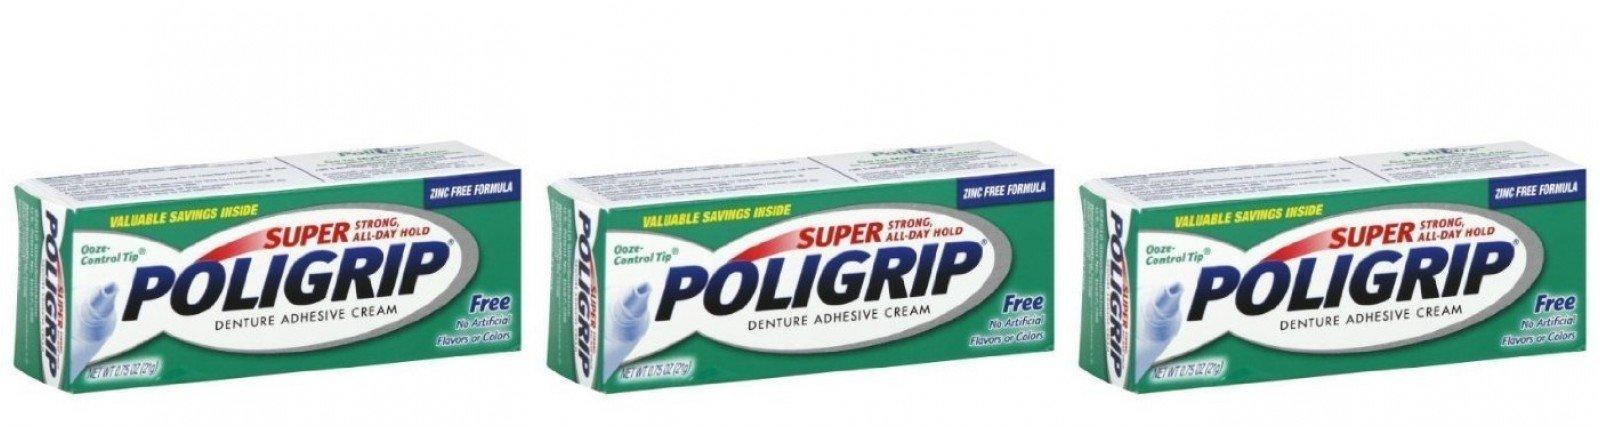 Super Poligrip Denture Adhesive Cream 0.75 Oz Travel Size (Pack of 3)